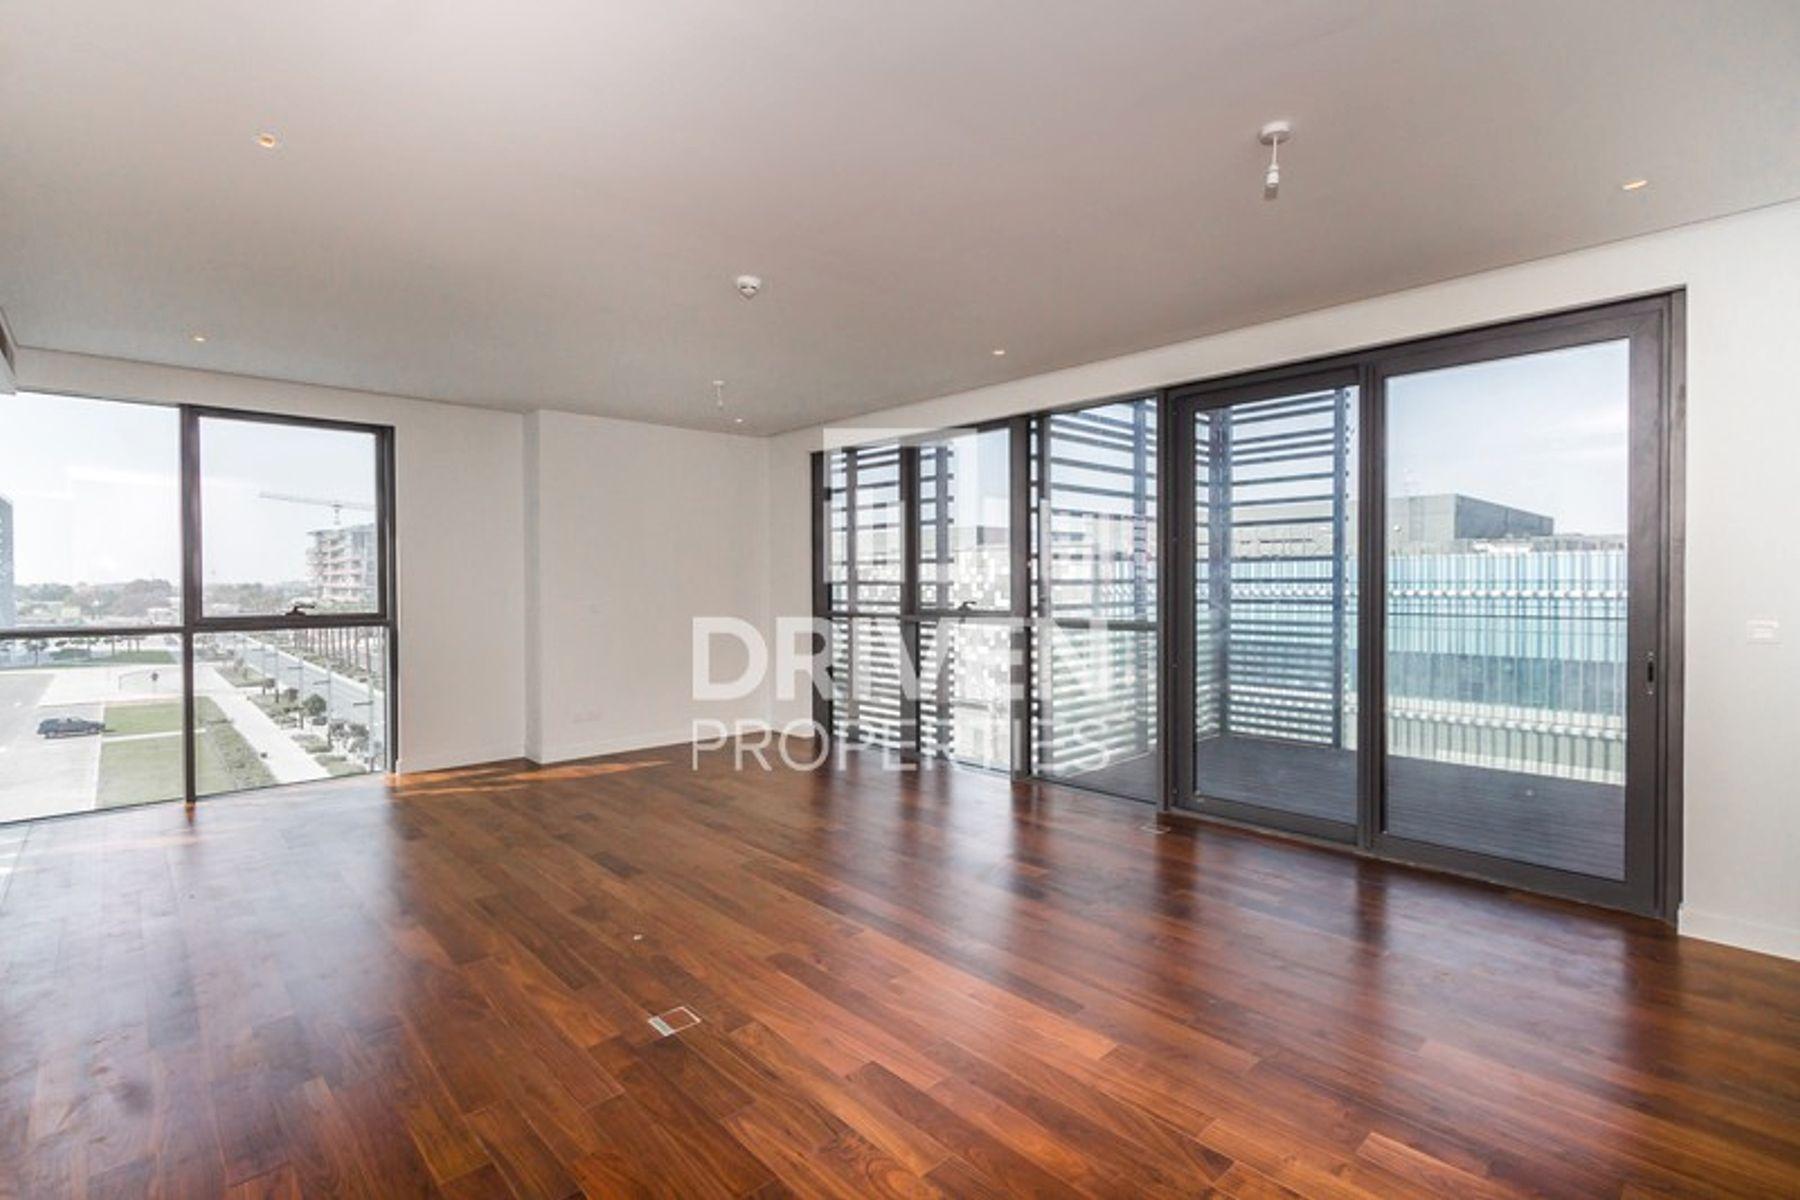 للبيع - شقة - 9 بناية - سيتي ووك